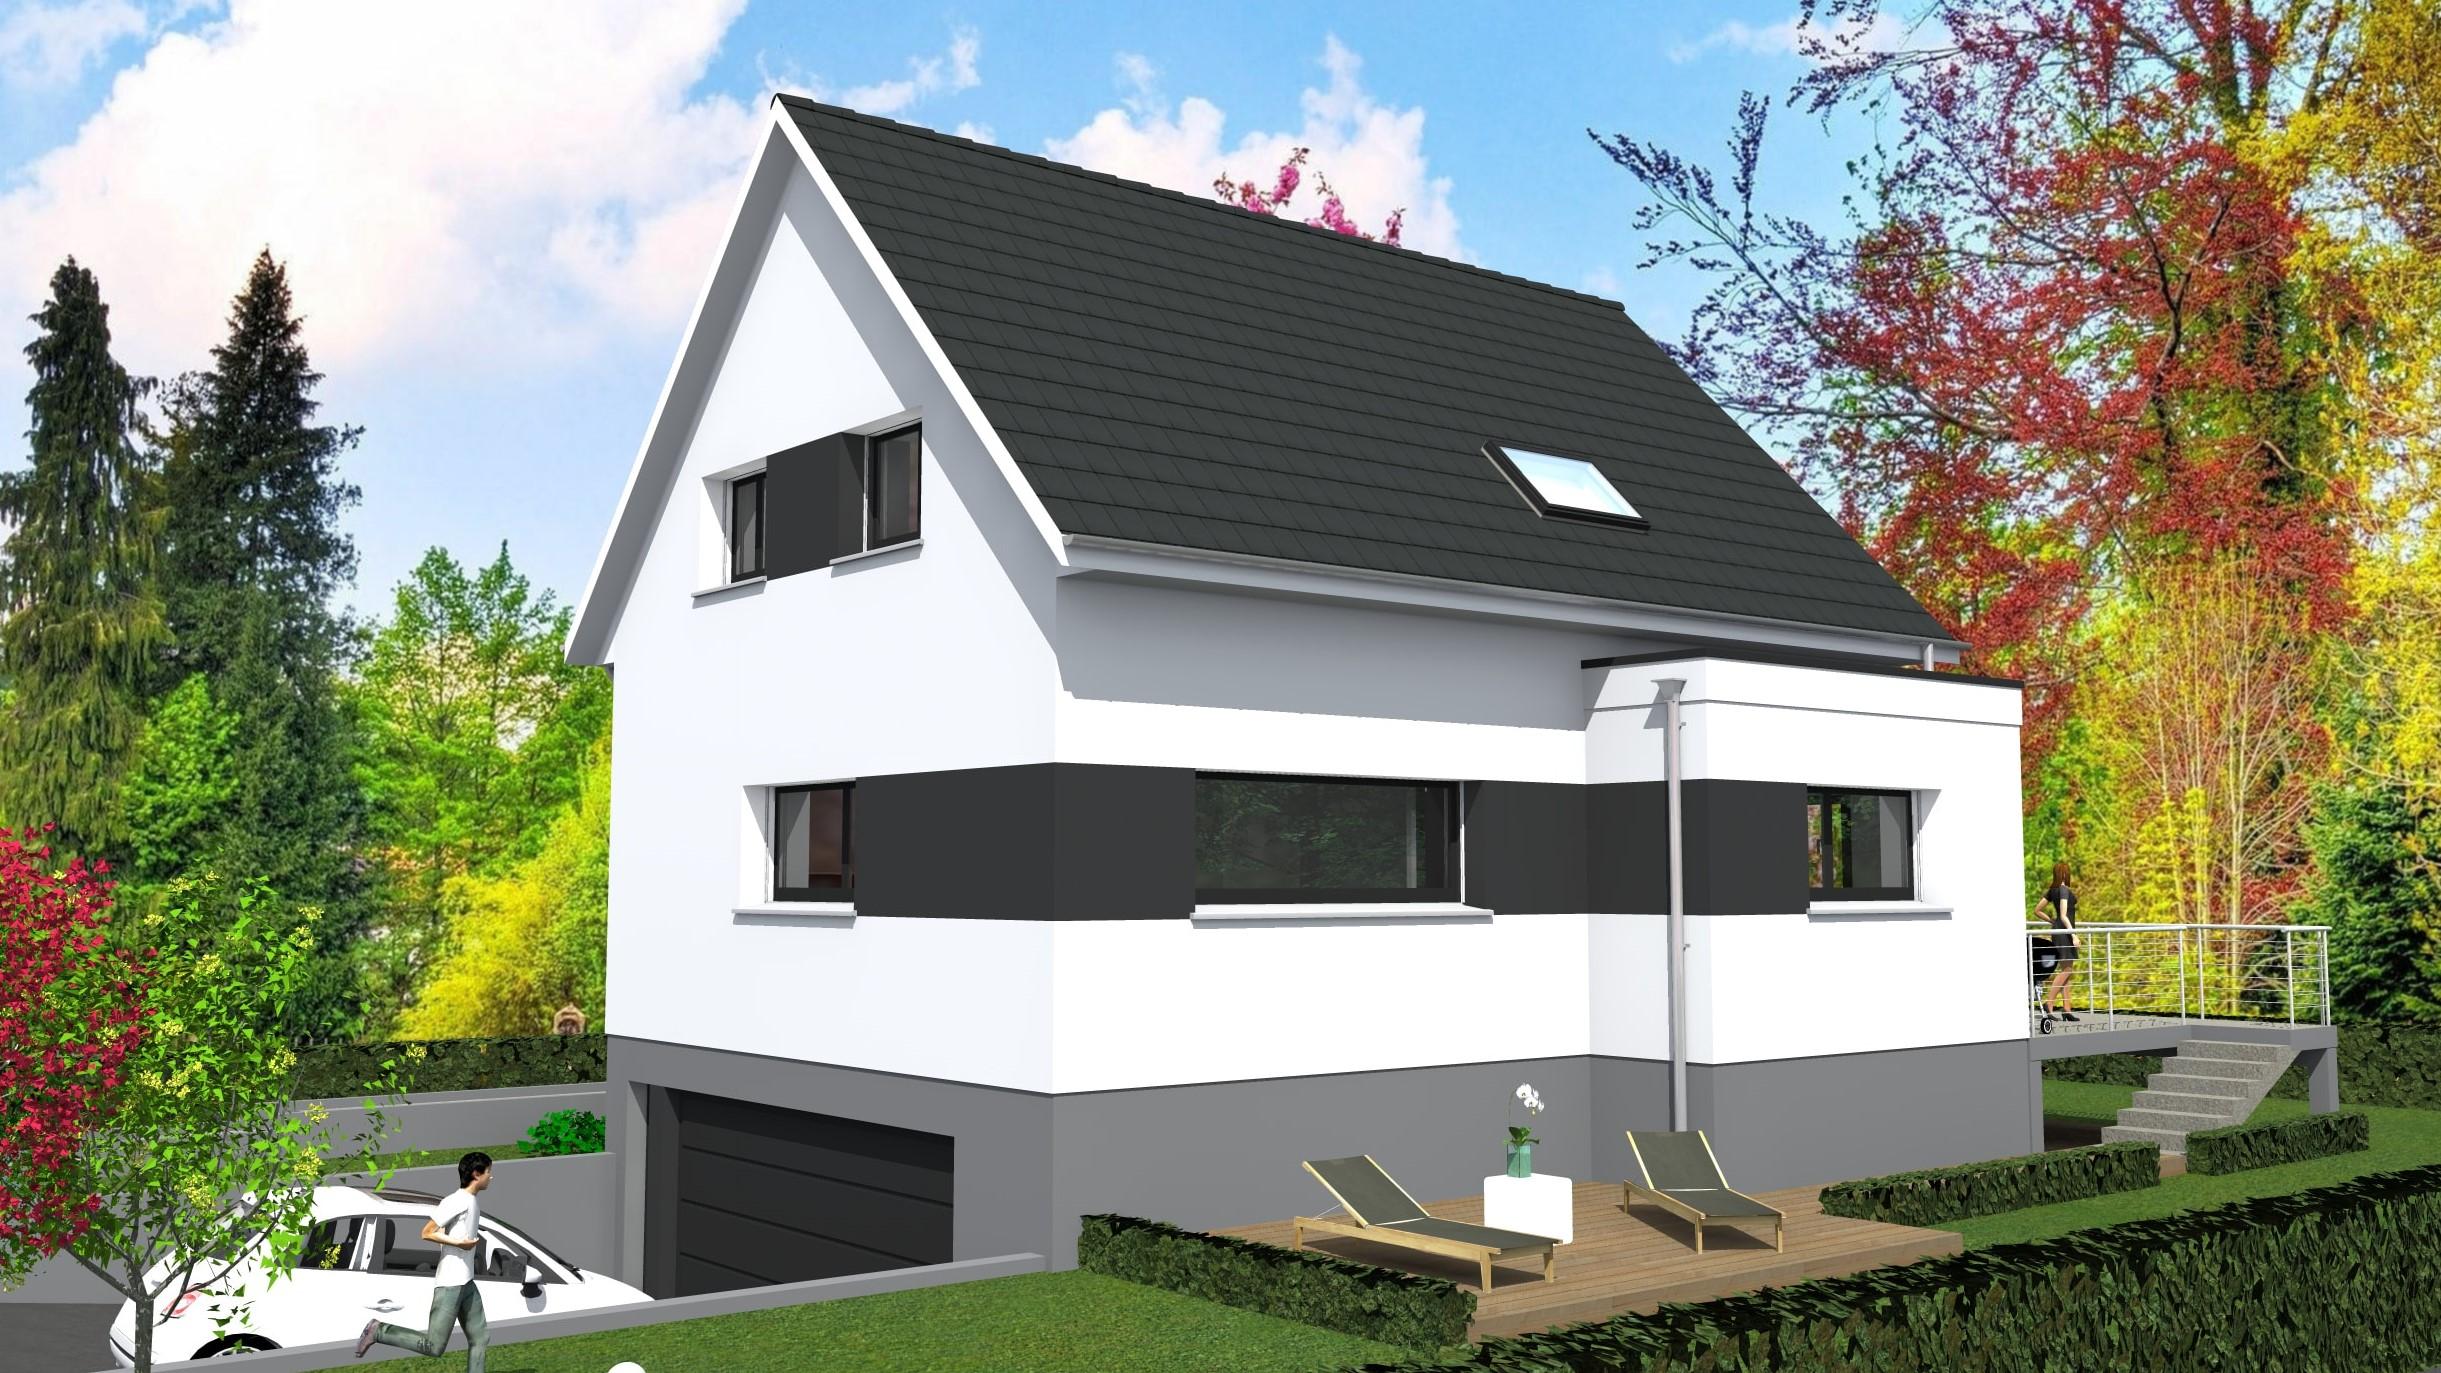 Cabinet de maitrise d 39 oeuvre c maison comtemporaine for Porche de maison en bois